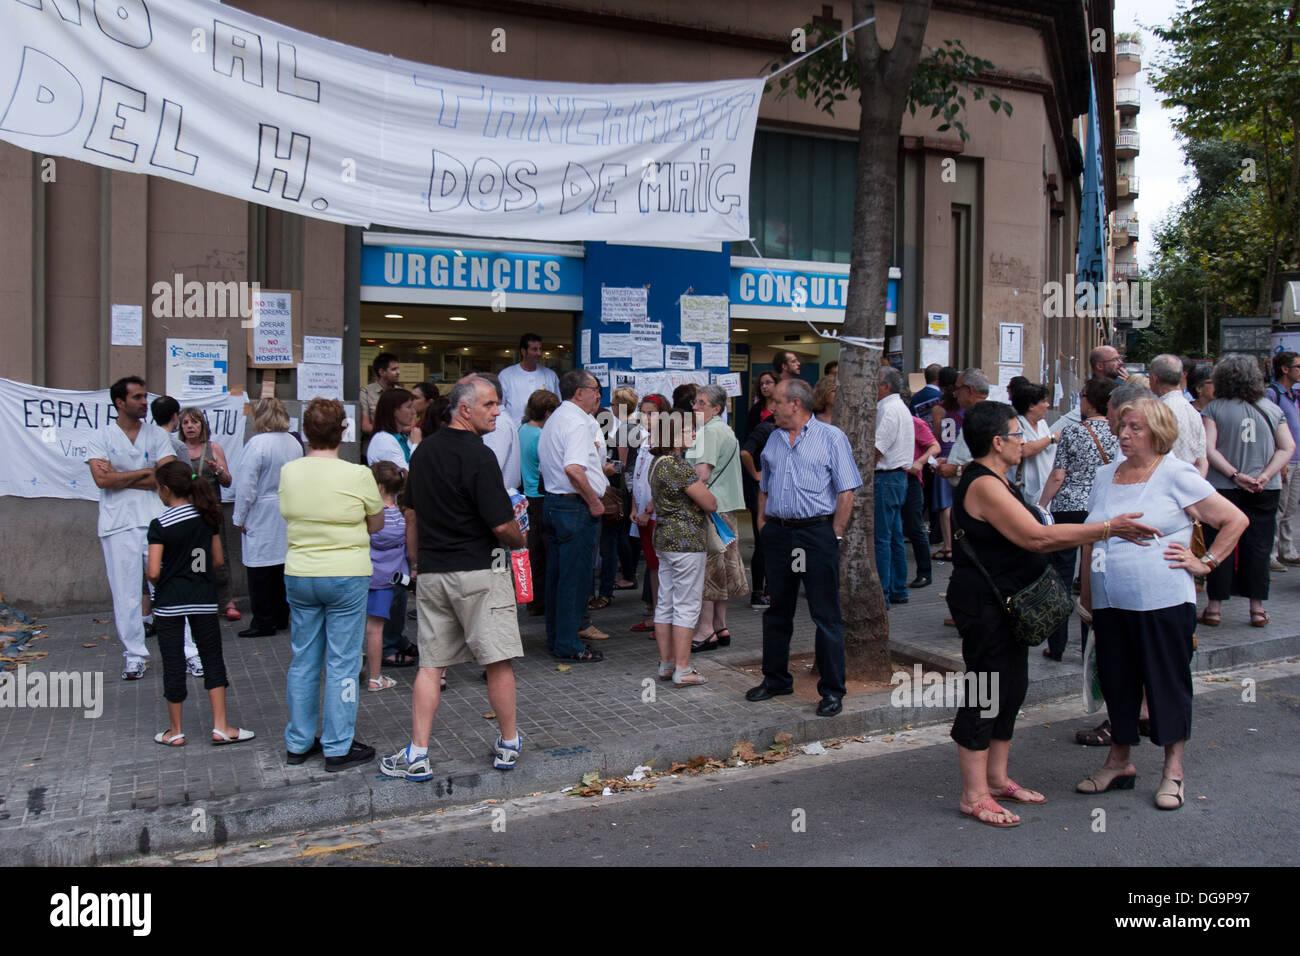 Closure protests Hospital Dos de Maig, Barcelona, Spain - Stock Image